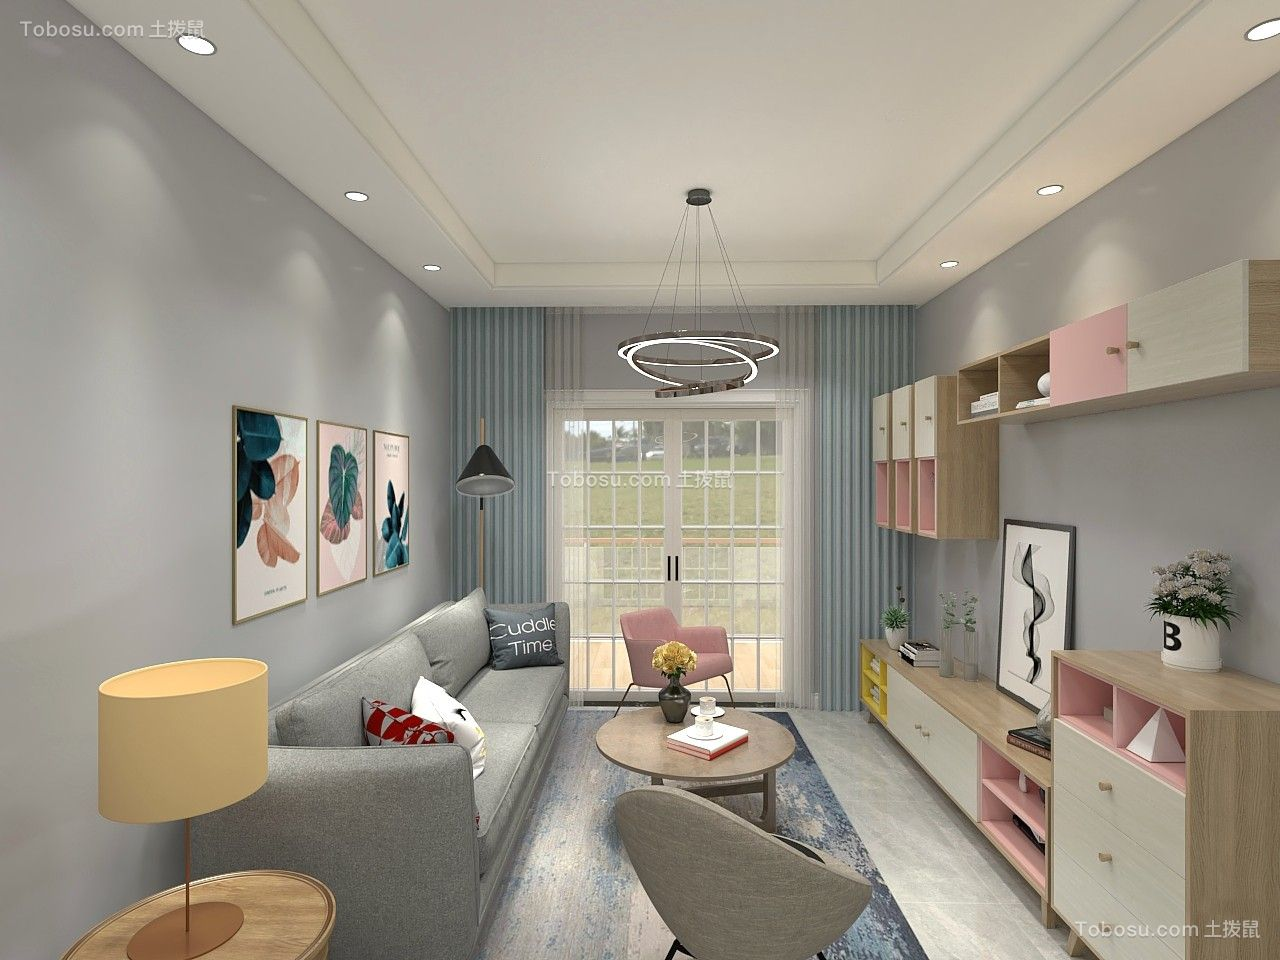 2019简单客厅装修设计 2019简单沙发装修设计